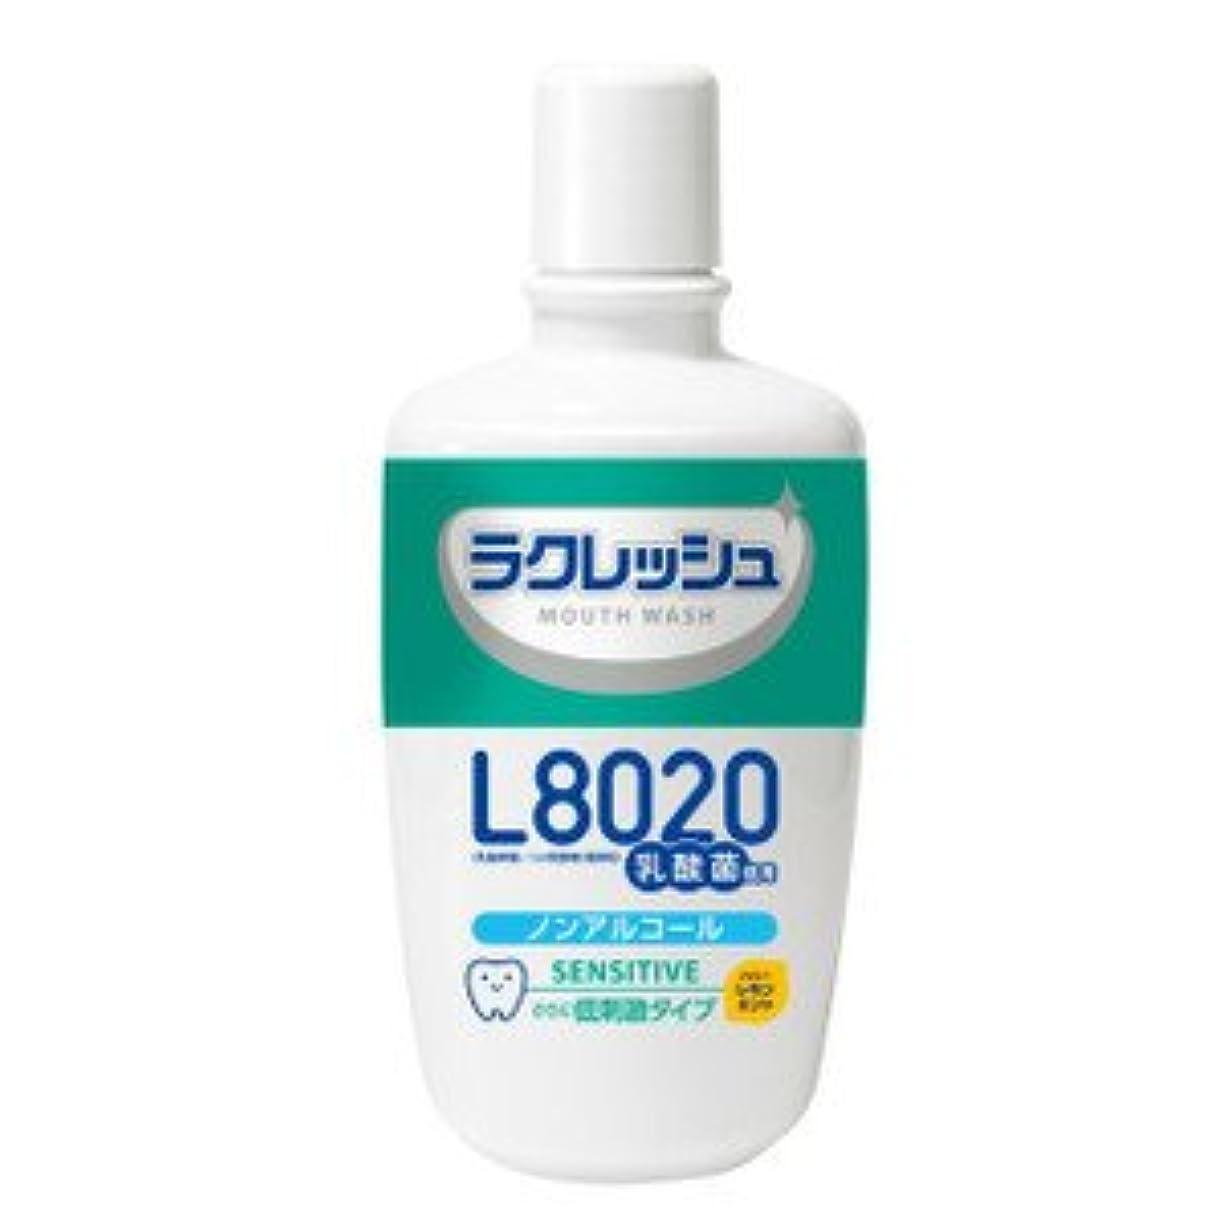 ジム少なくとも放置ジェクス ラクレッシュ L8020乳酸菌 マウスウォッシュ 洗口液センシティブタイプ 300ml×10個セット